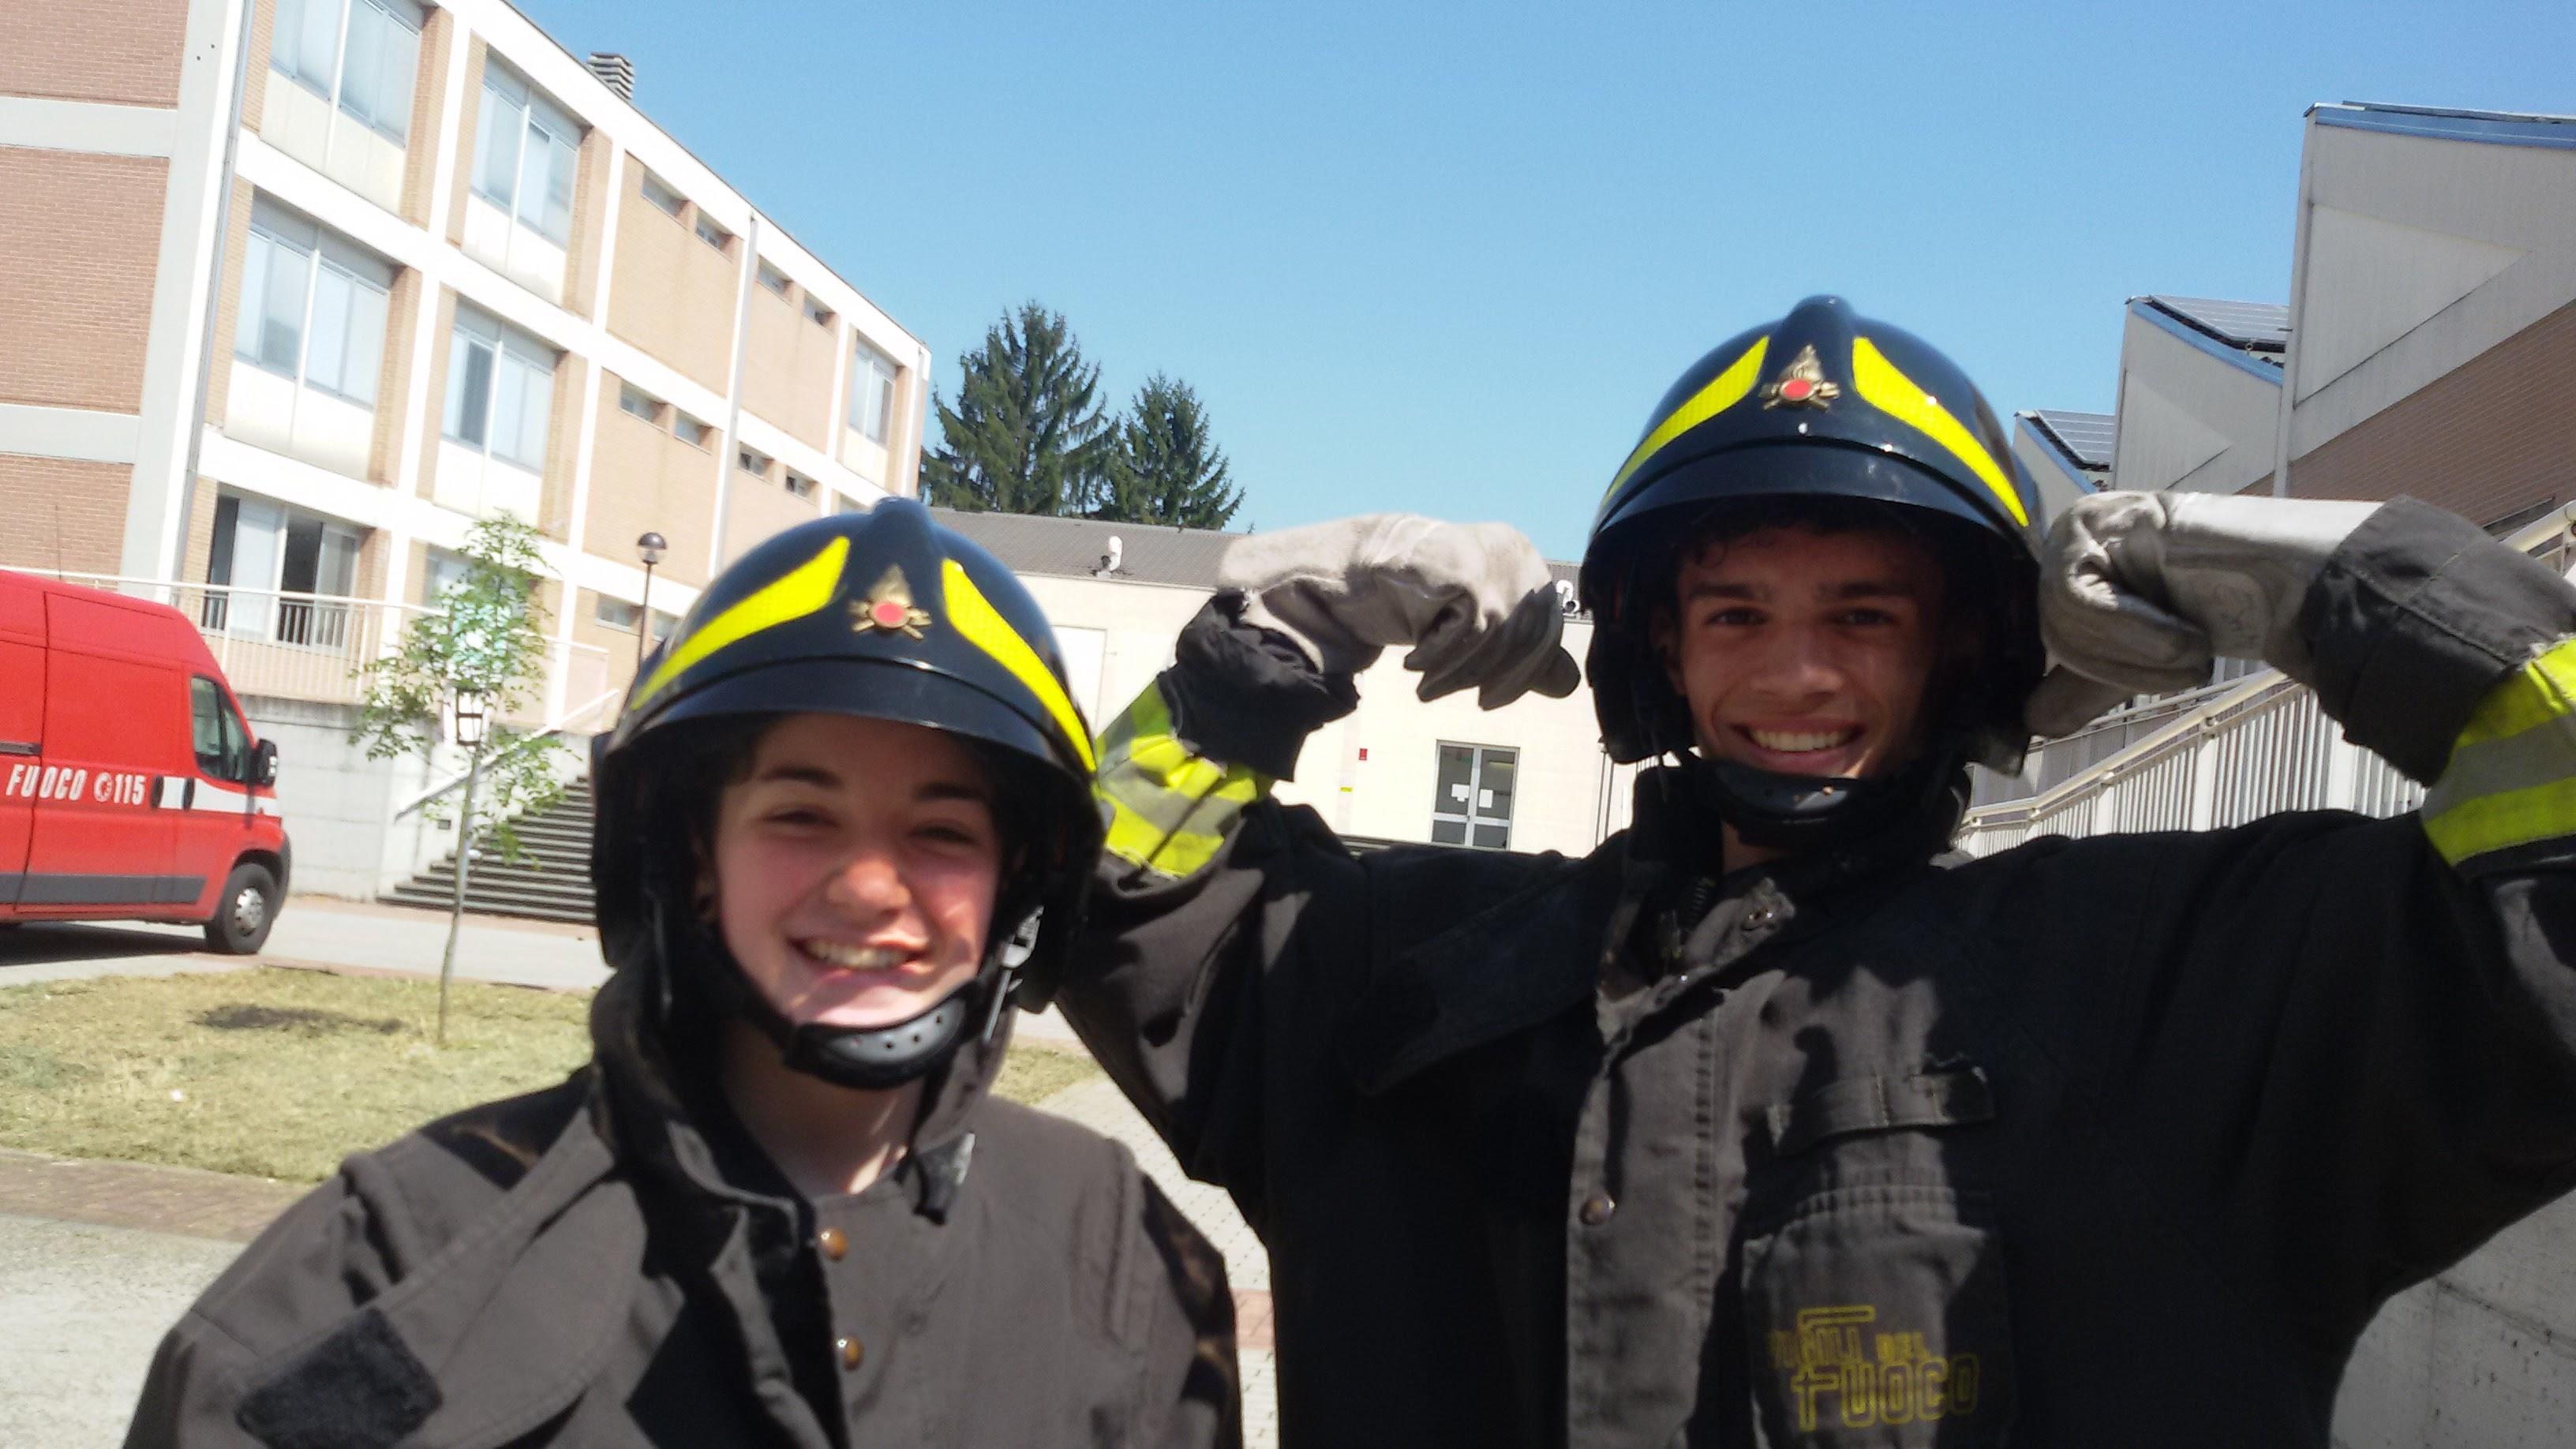 Vuoi diventare un vigile del fuoco?